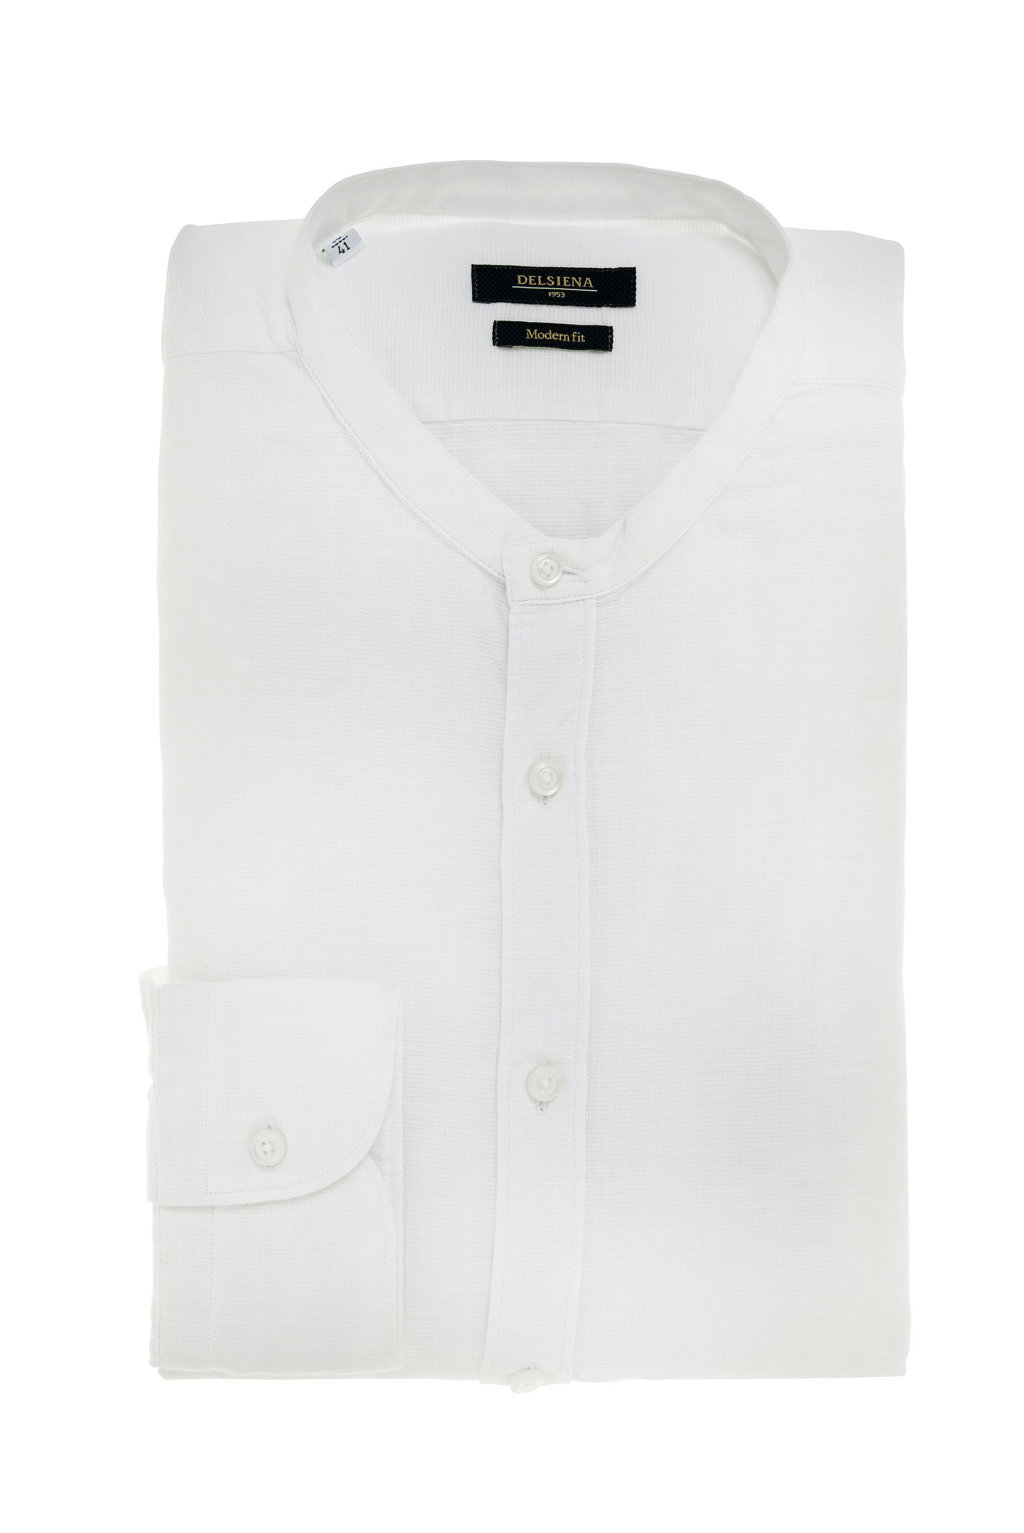 Camicia uomo bianca collo coreana Delsiena